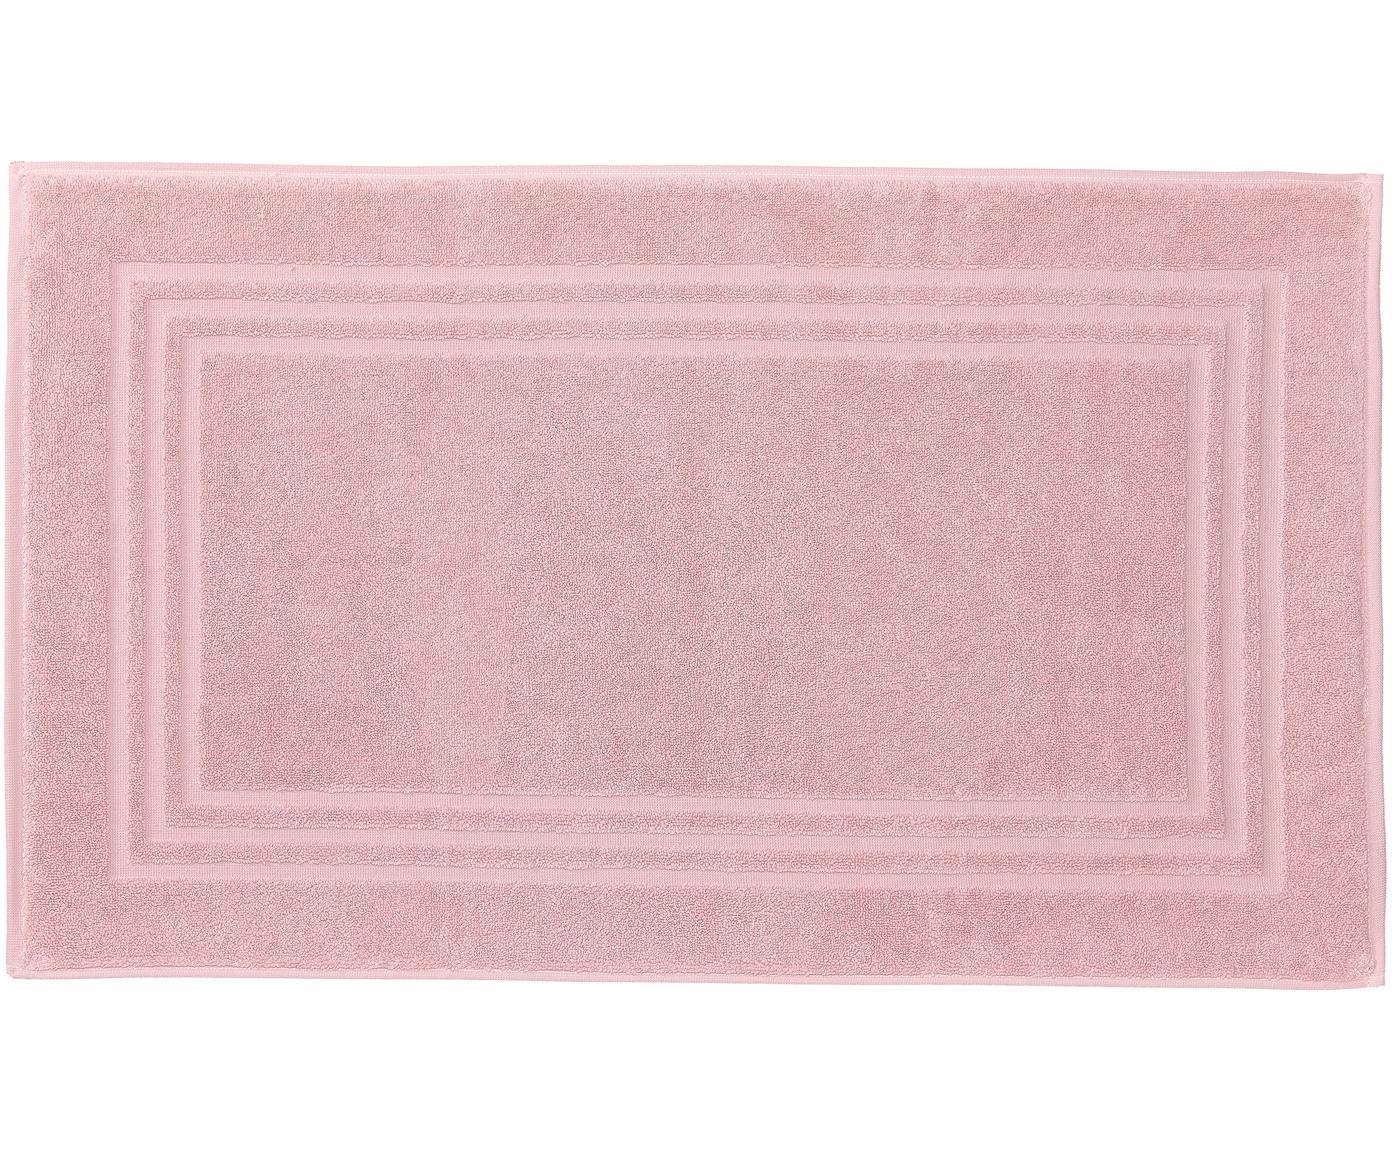 Dywanik łazienkowy Gentle, Bawełna, Blady różowy, S 50 x D 80 cm